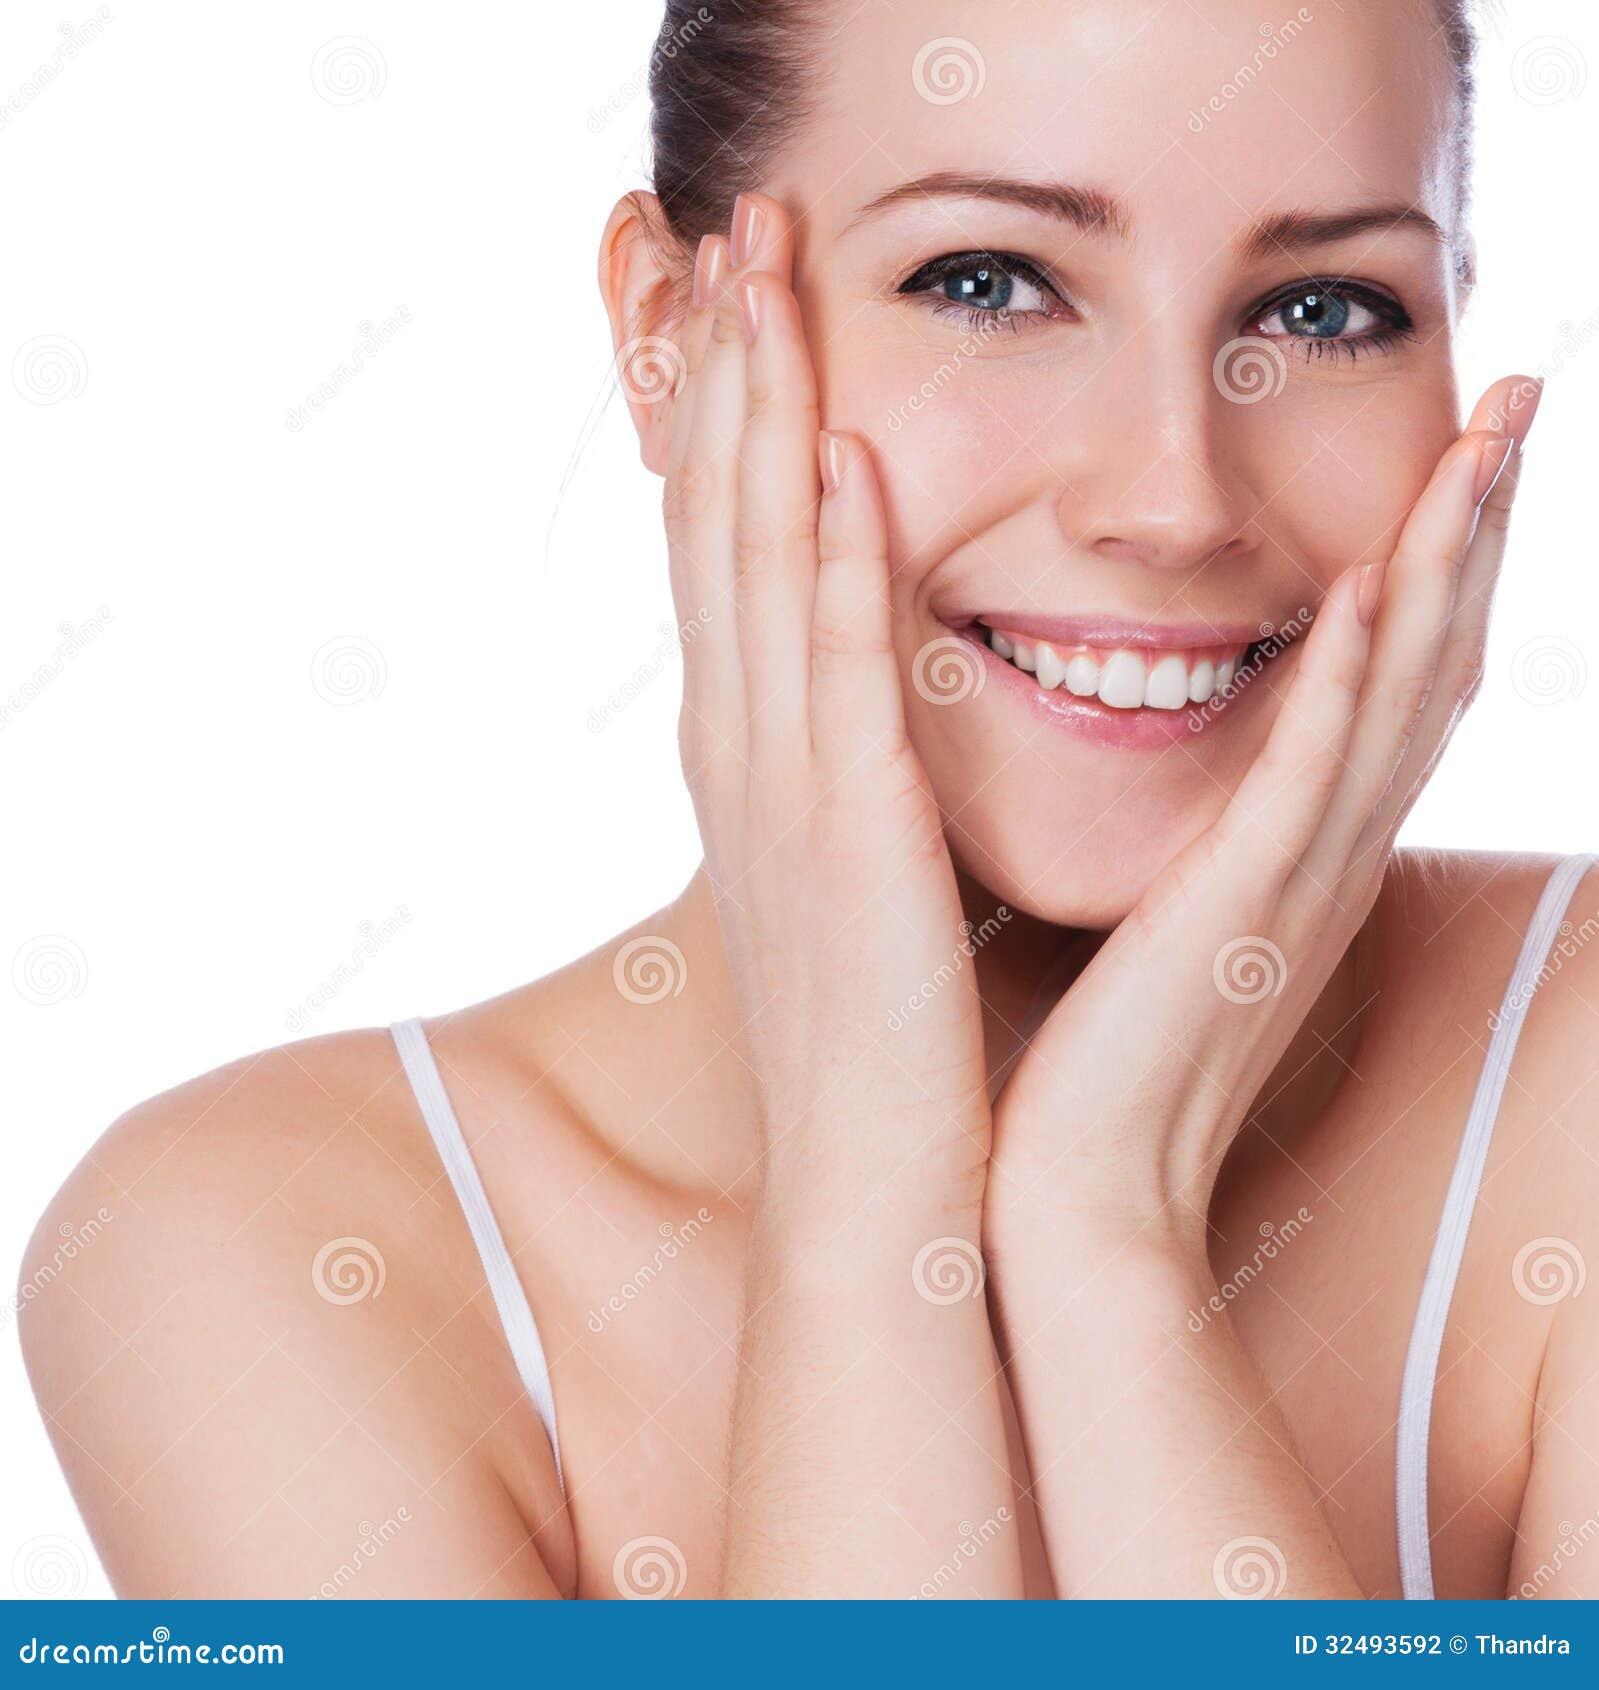 Mooi gezicht van jonge volwassen vrouw met schone verse huid